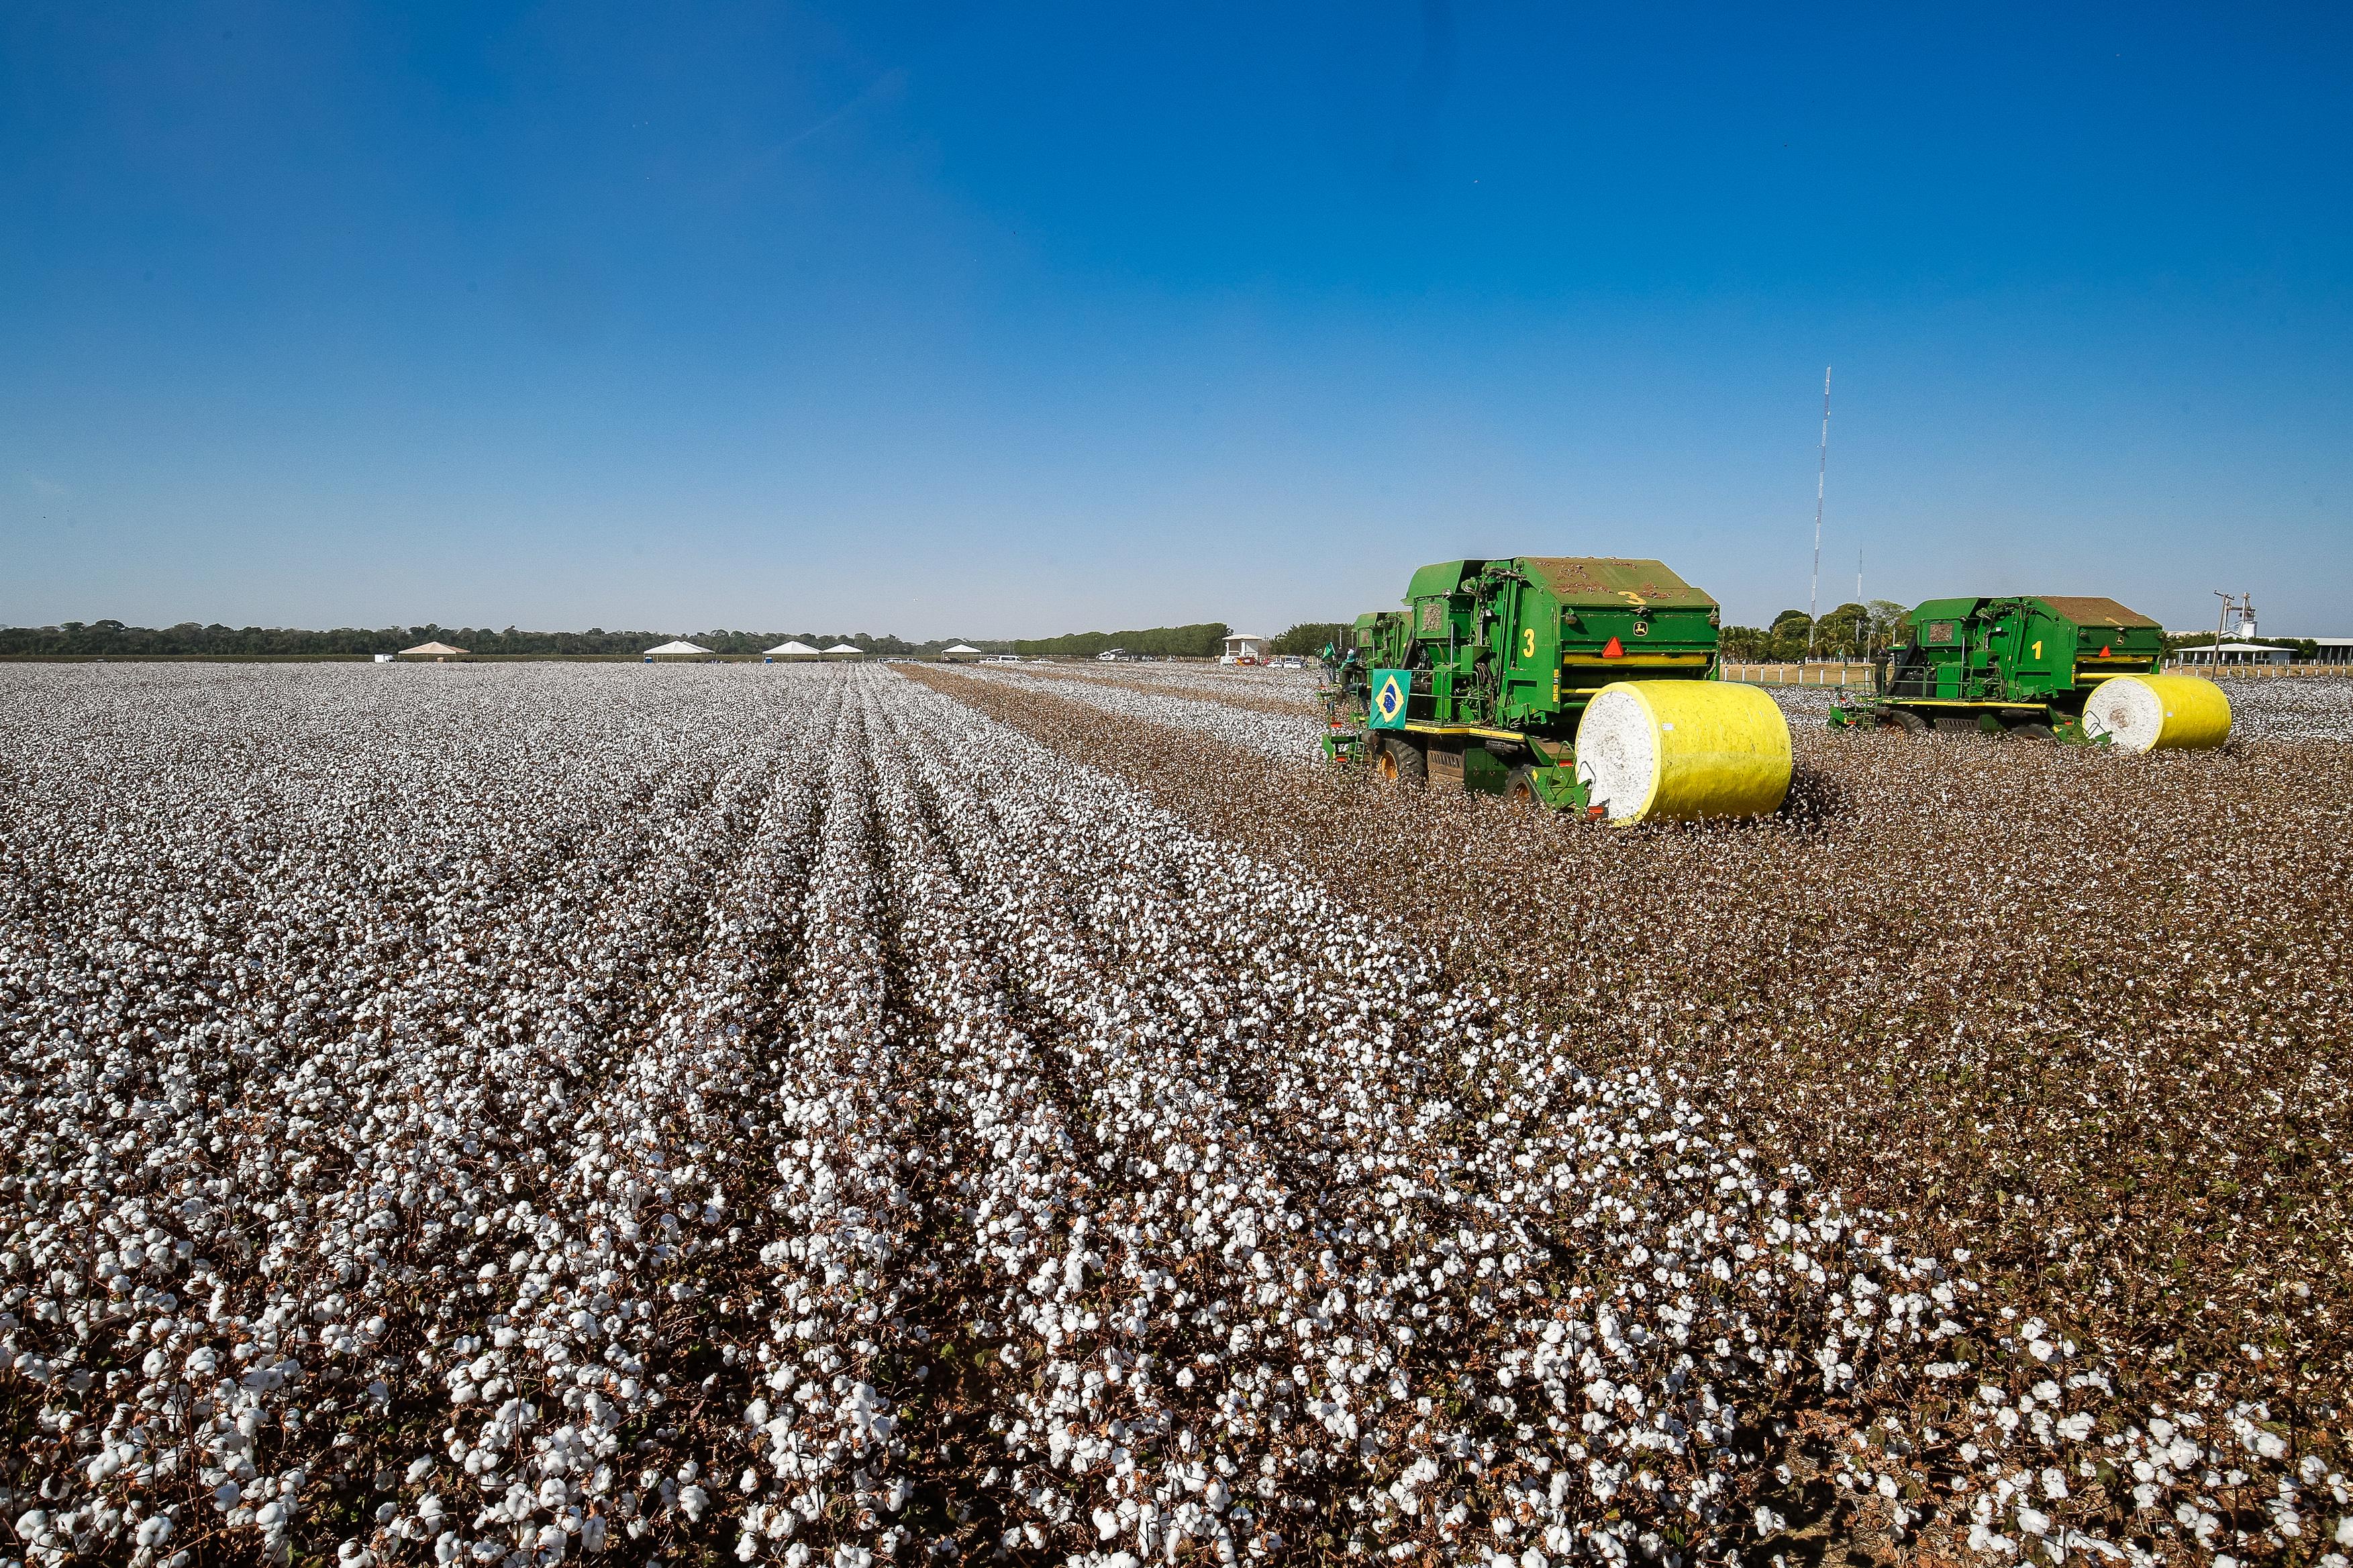 Agropecuária - plantações - agricultura algodão agricultor rural colheita